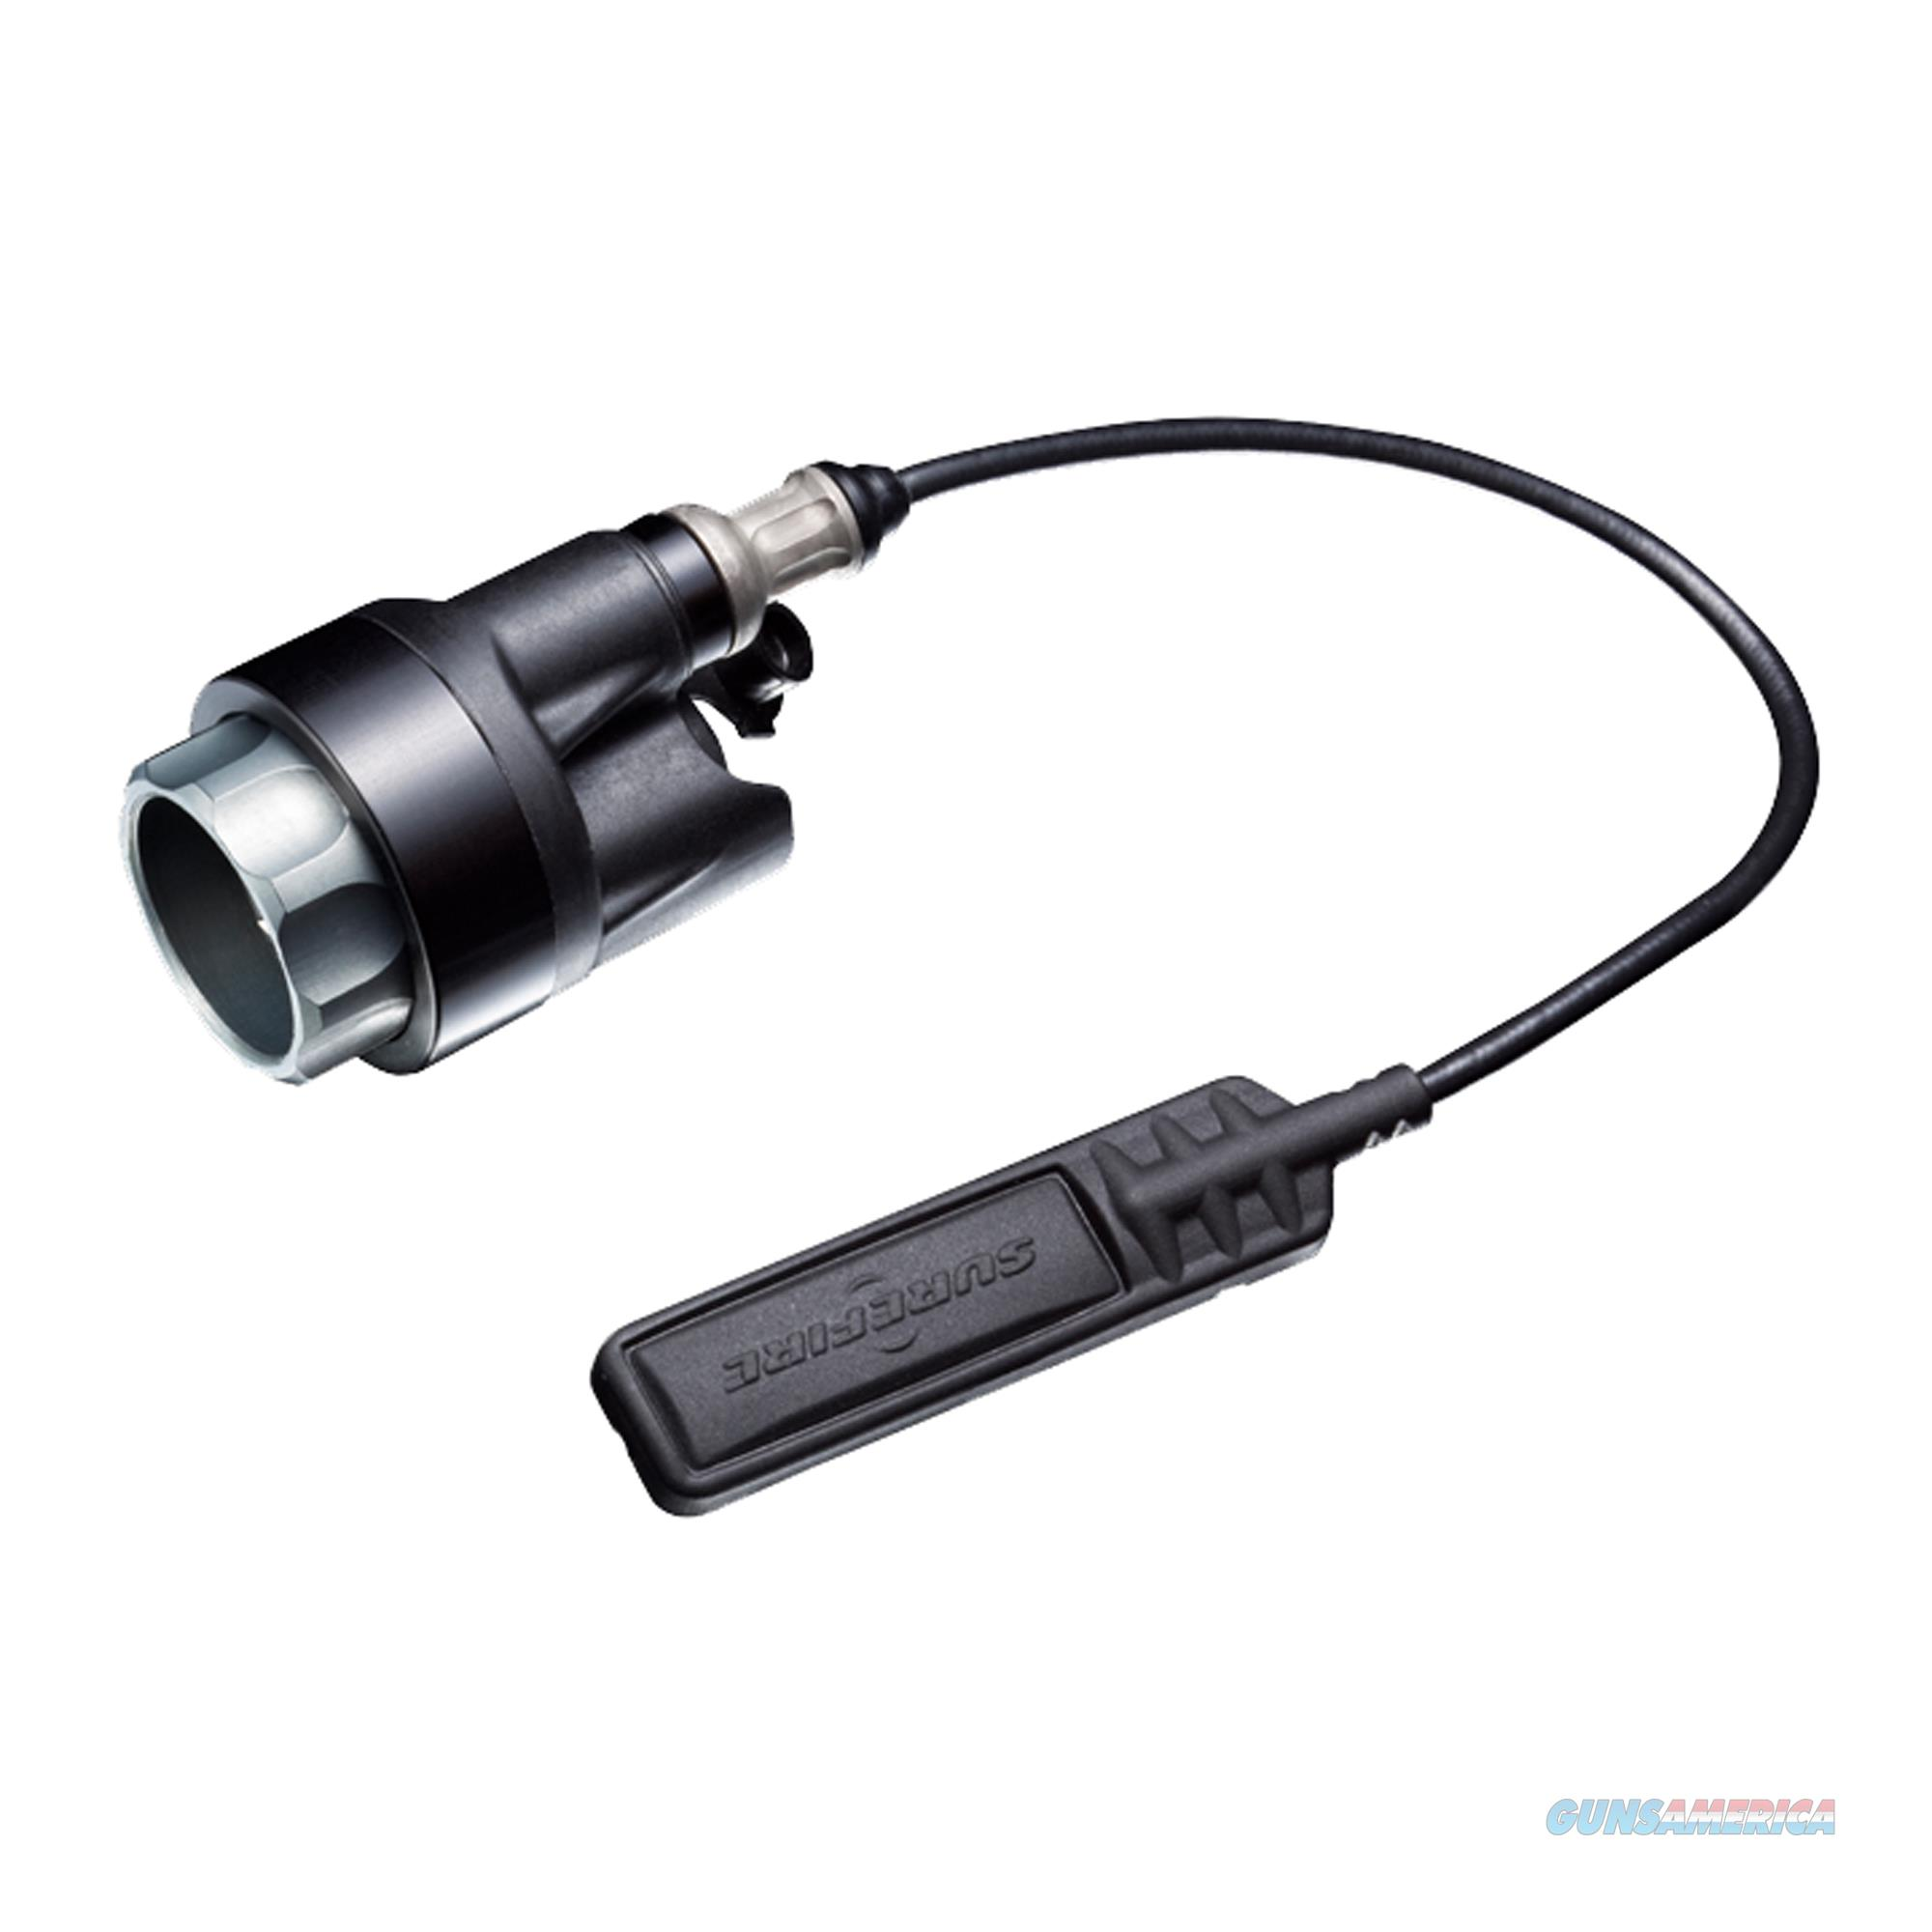 Surefire Weaponlight Switch Module XM02  Non-Guns > Miscellaneous